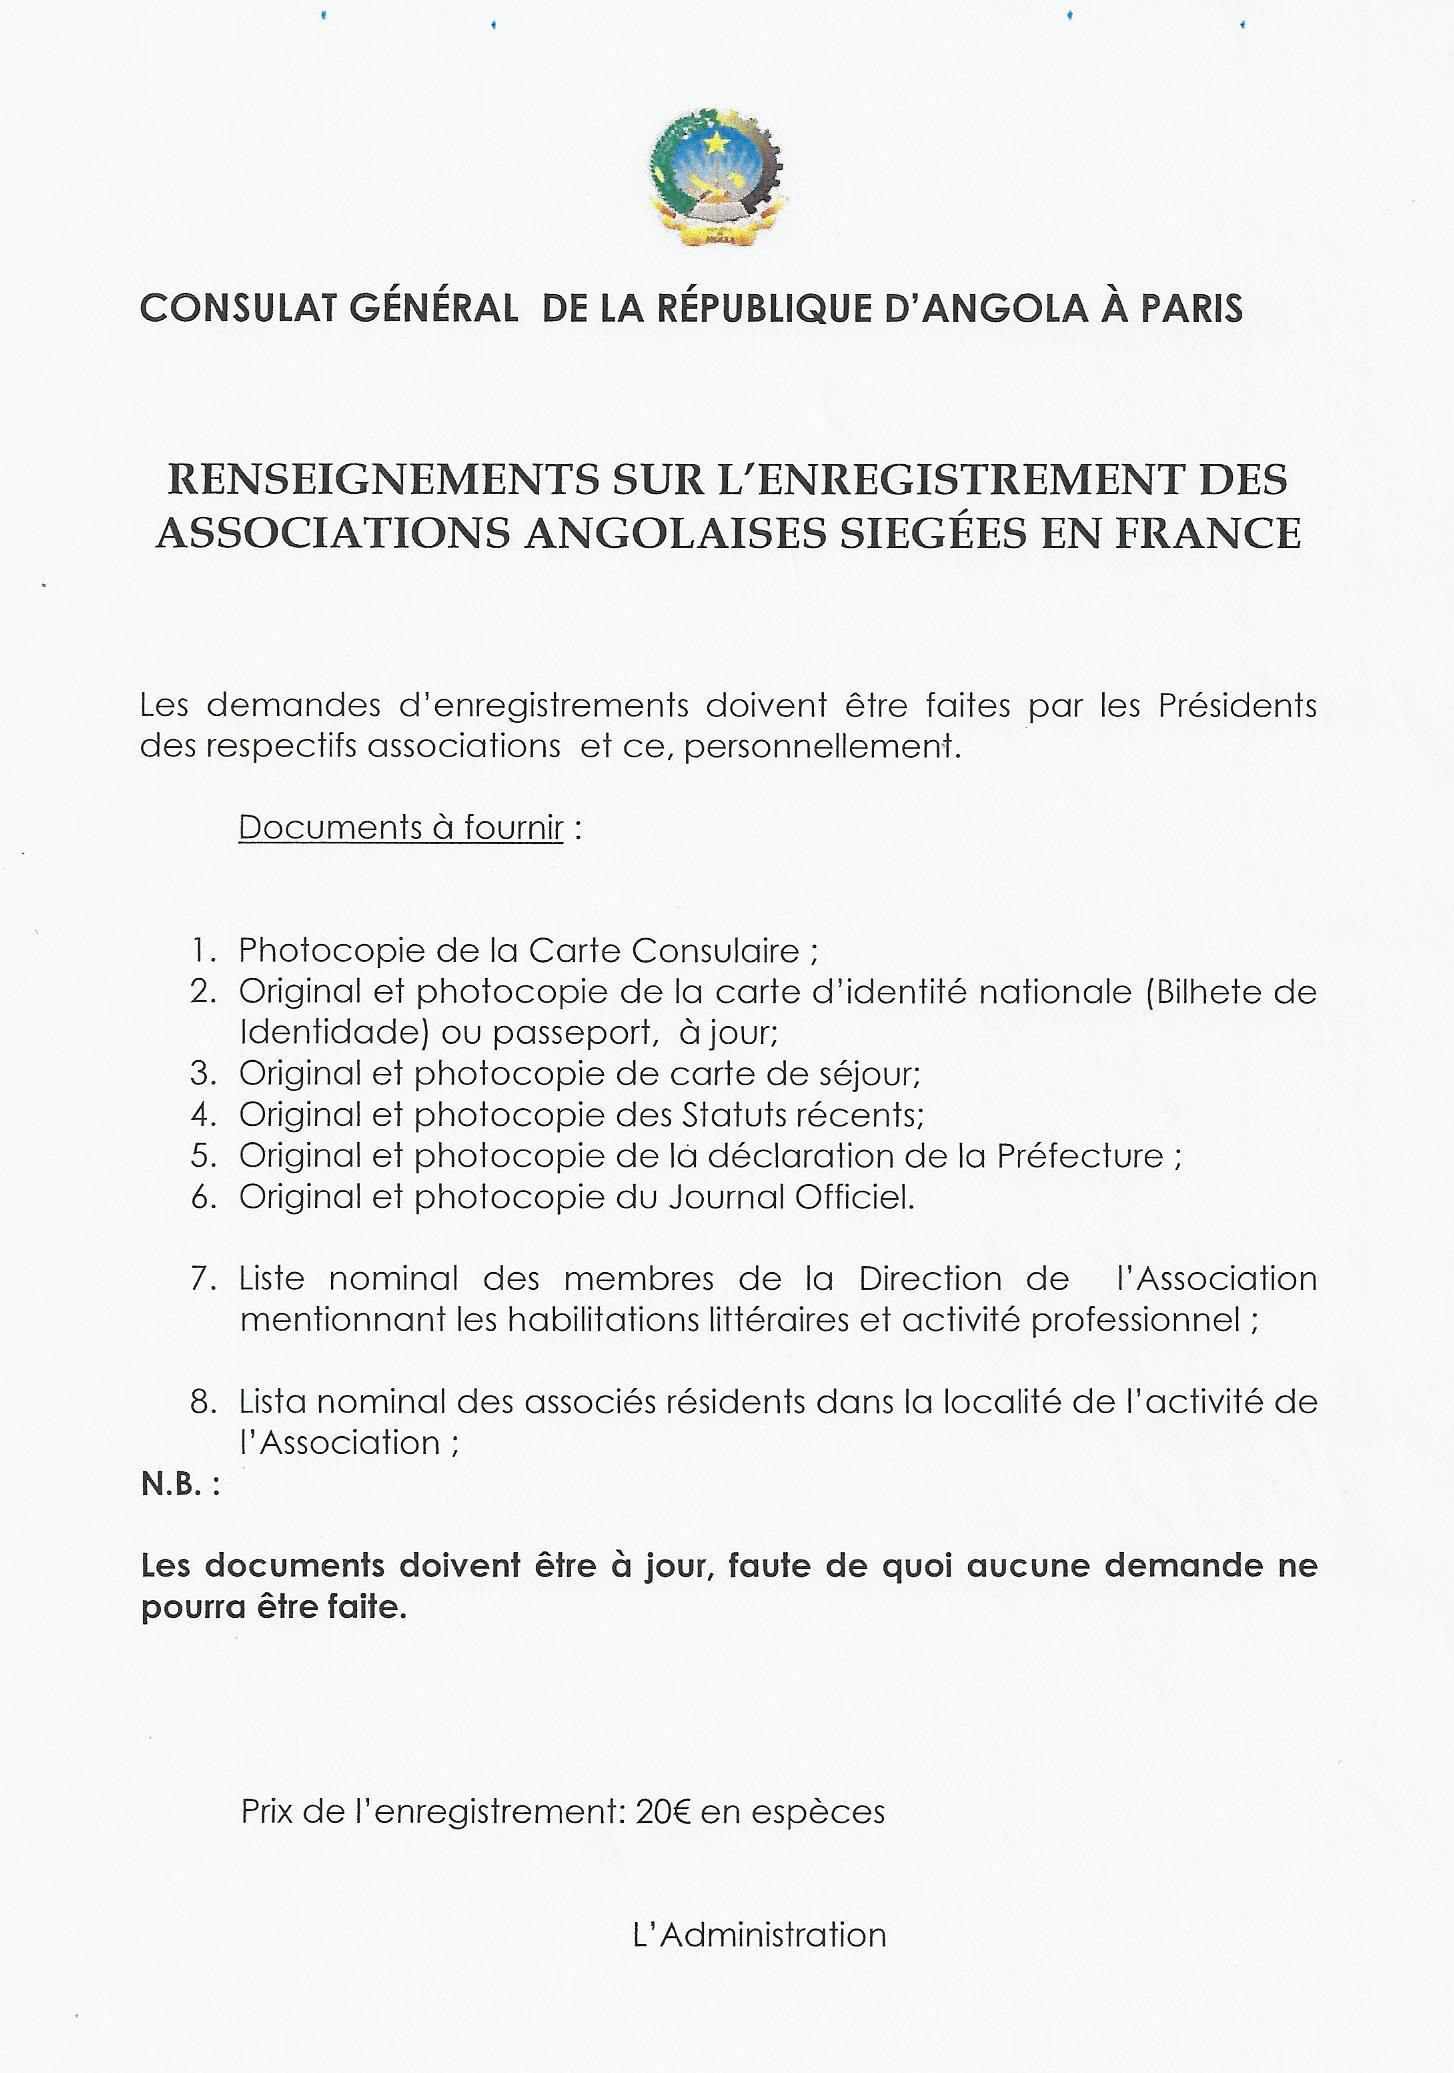 Documents Du Consulat Général De La République Dangola Casa Dangola